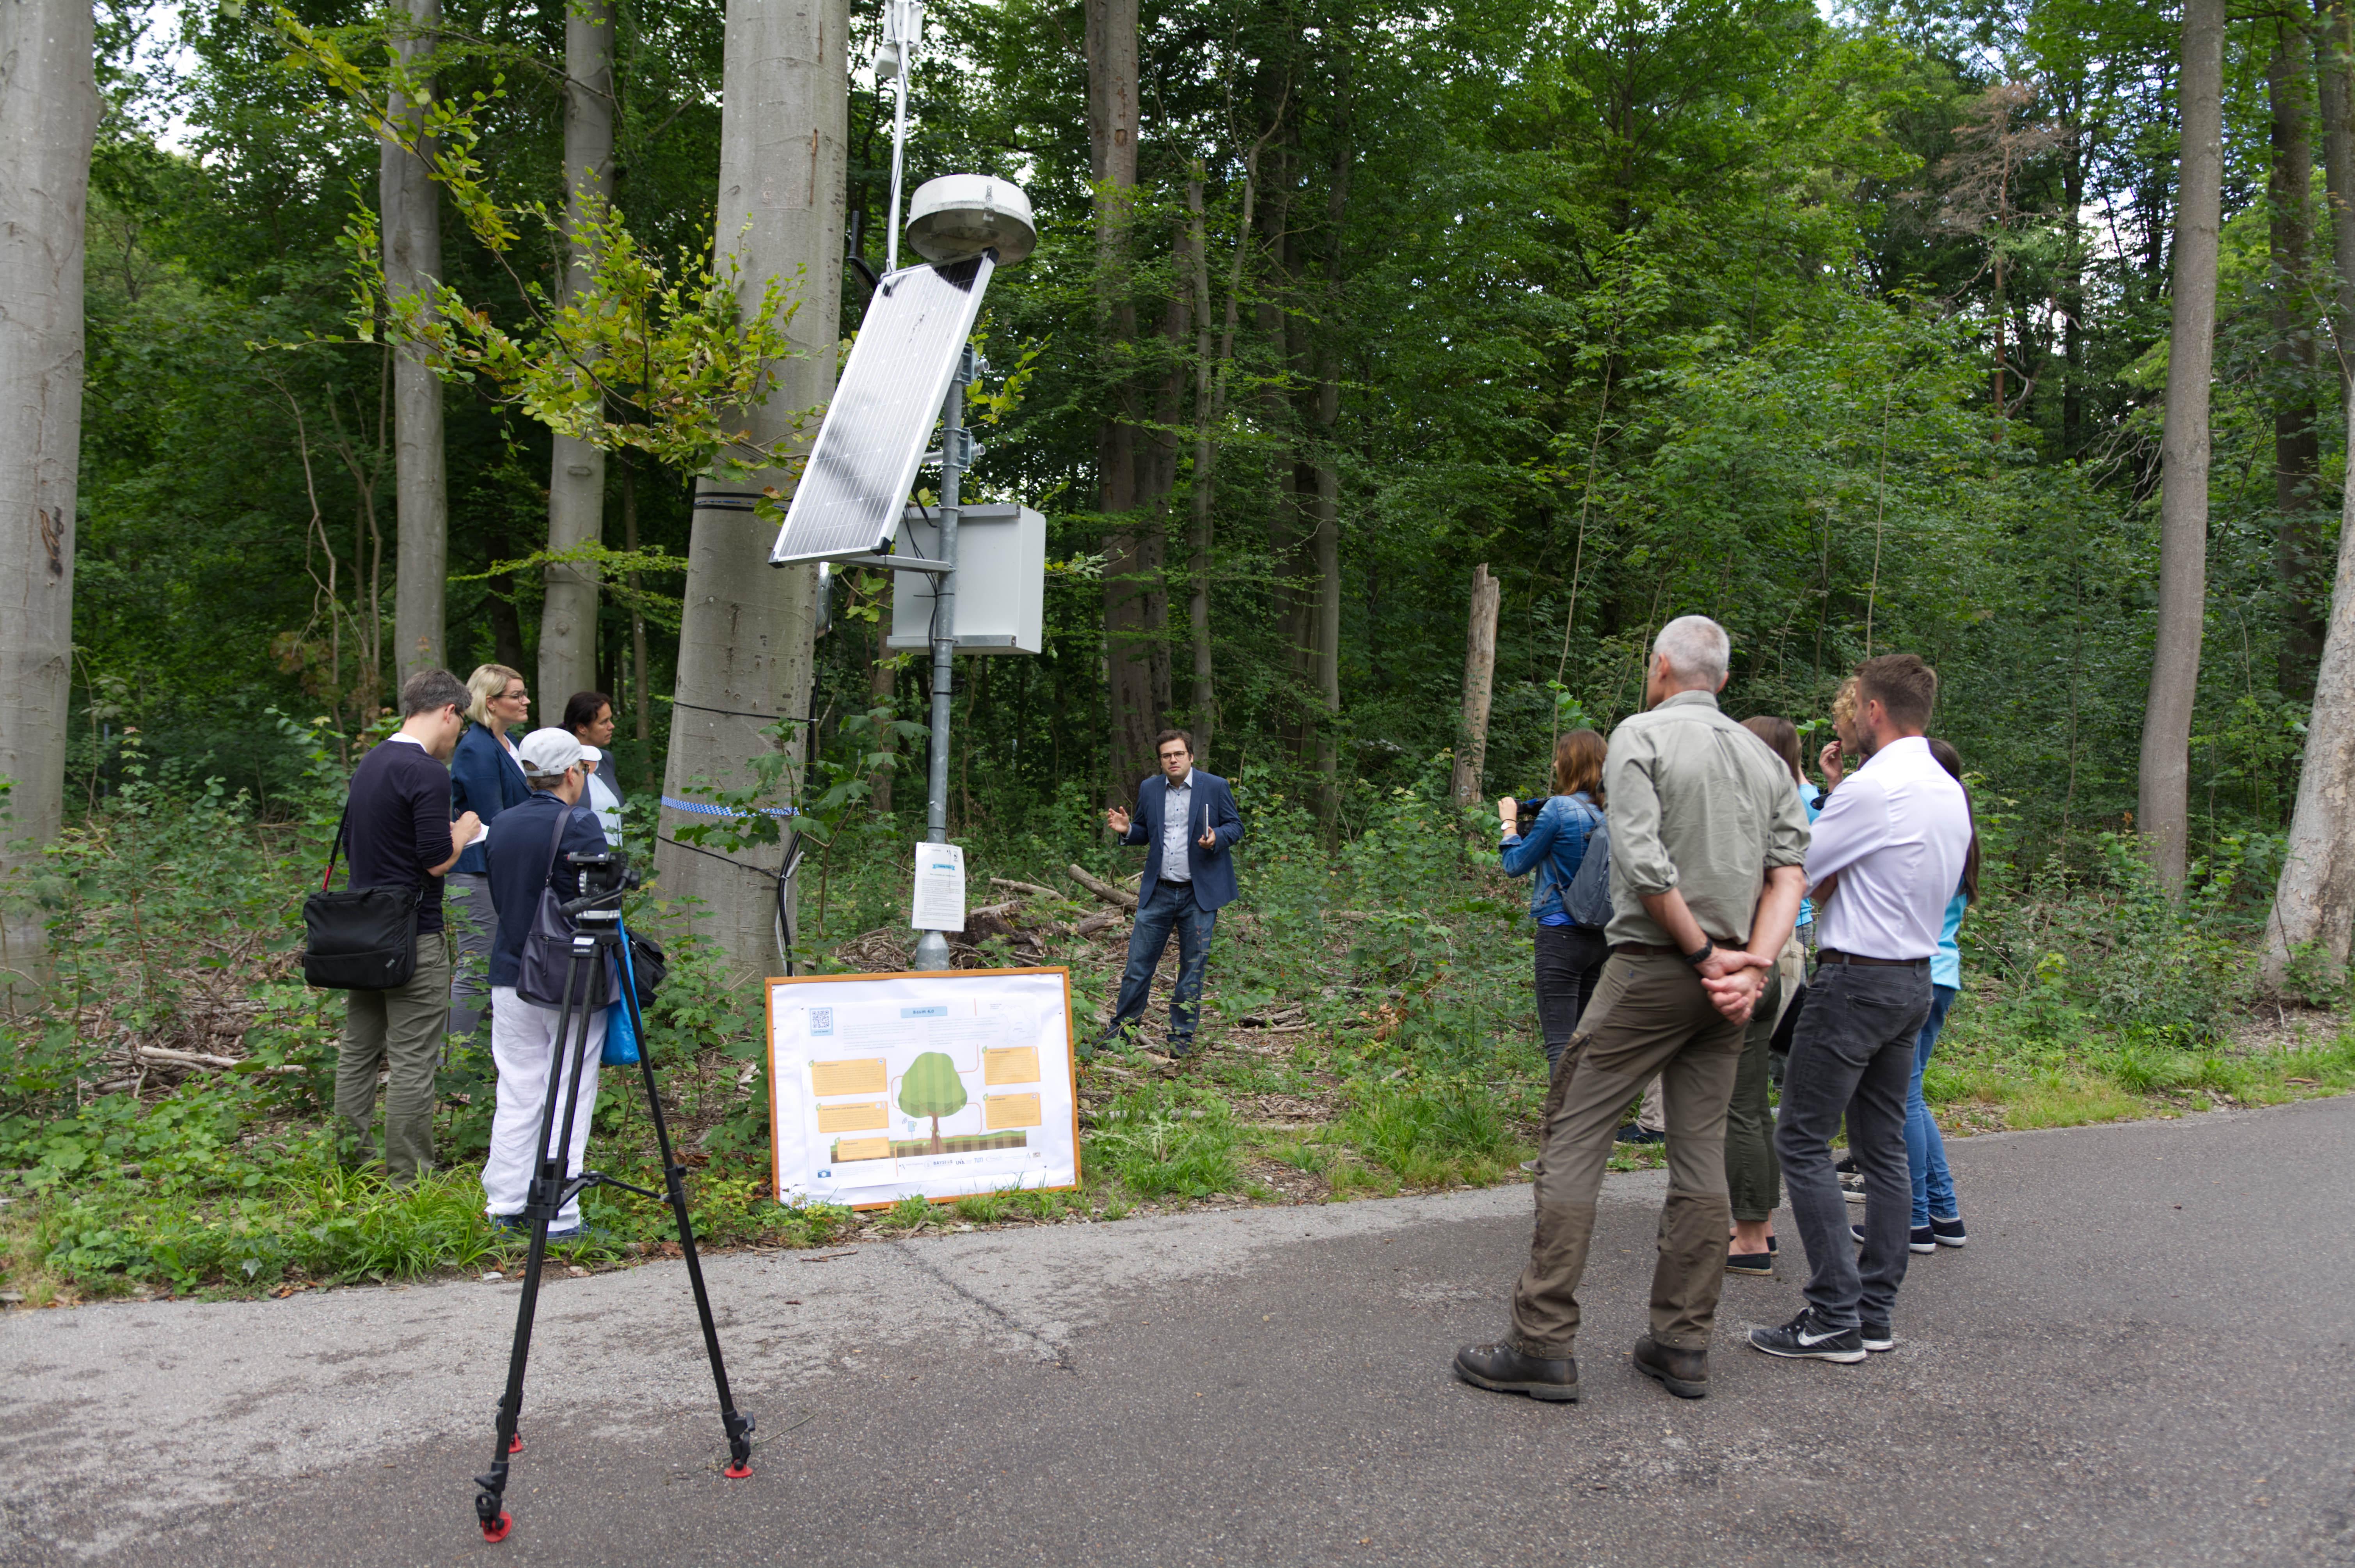 Eröffnung des Baum 4.0 in Augsburg